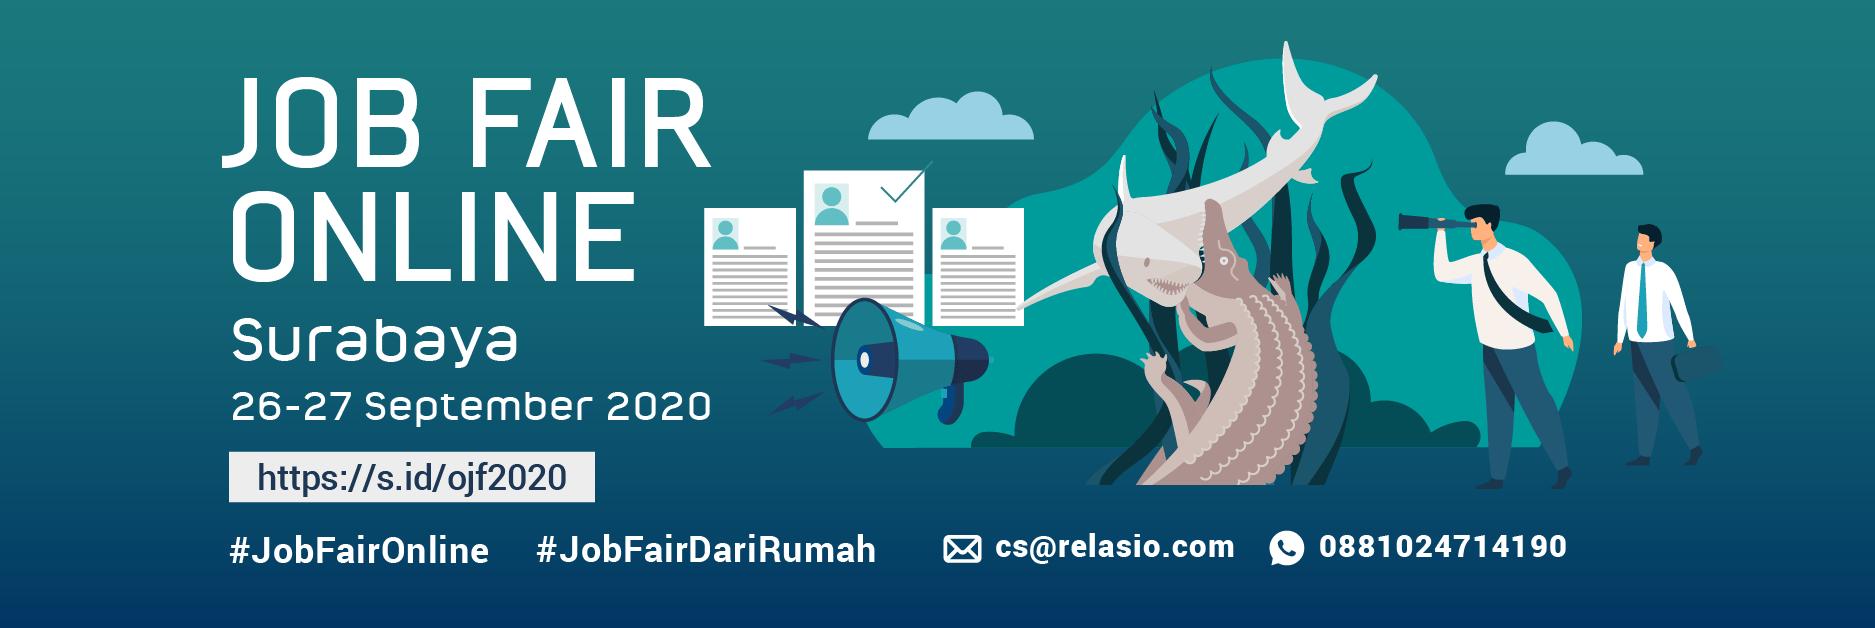 Job Fair Online Relasio.com September 2020